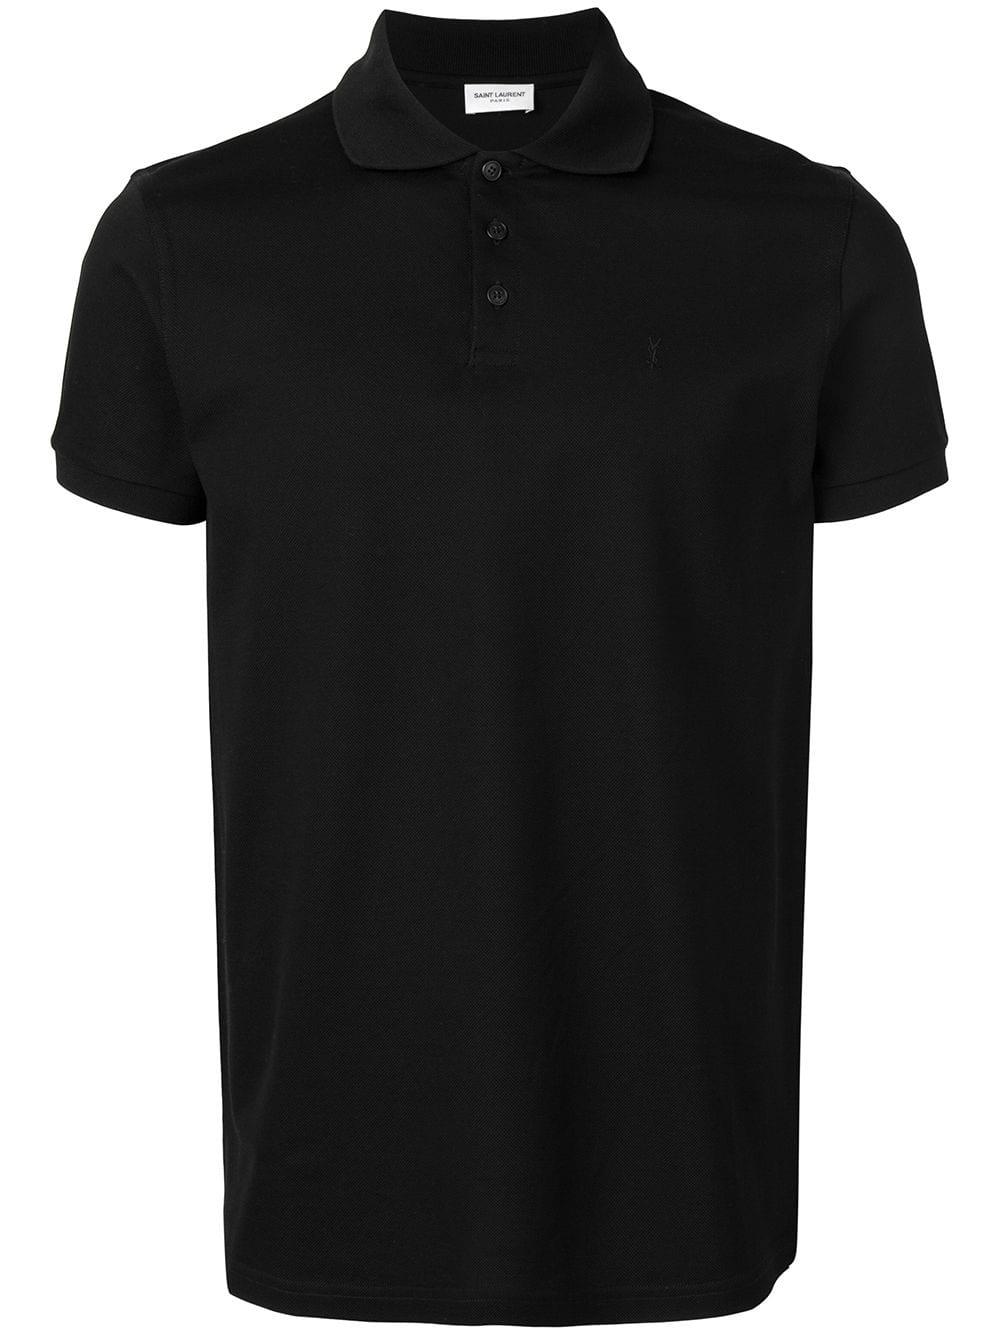 01764e17ba61c5 Polo Shirt in Black Cotton - SAINT LAURENT - Russocapri